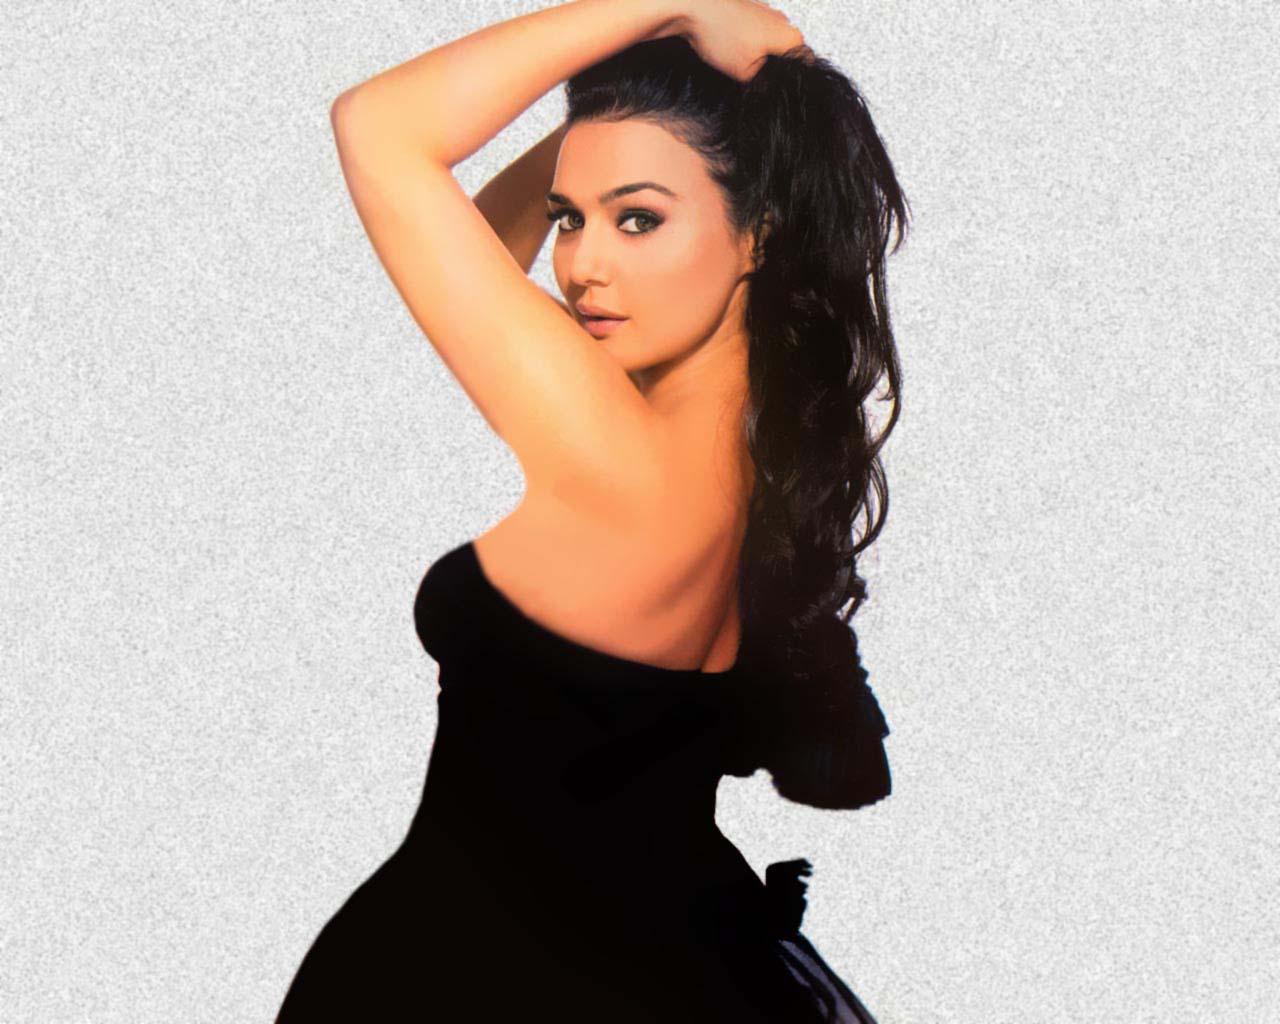 preity zinta hot photo - photo #25